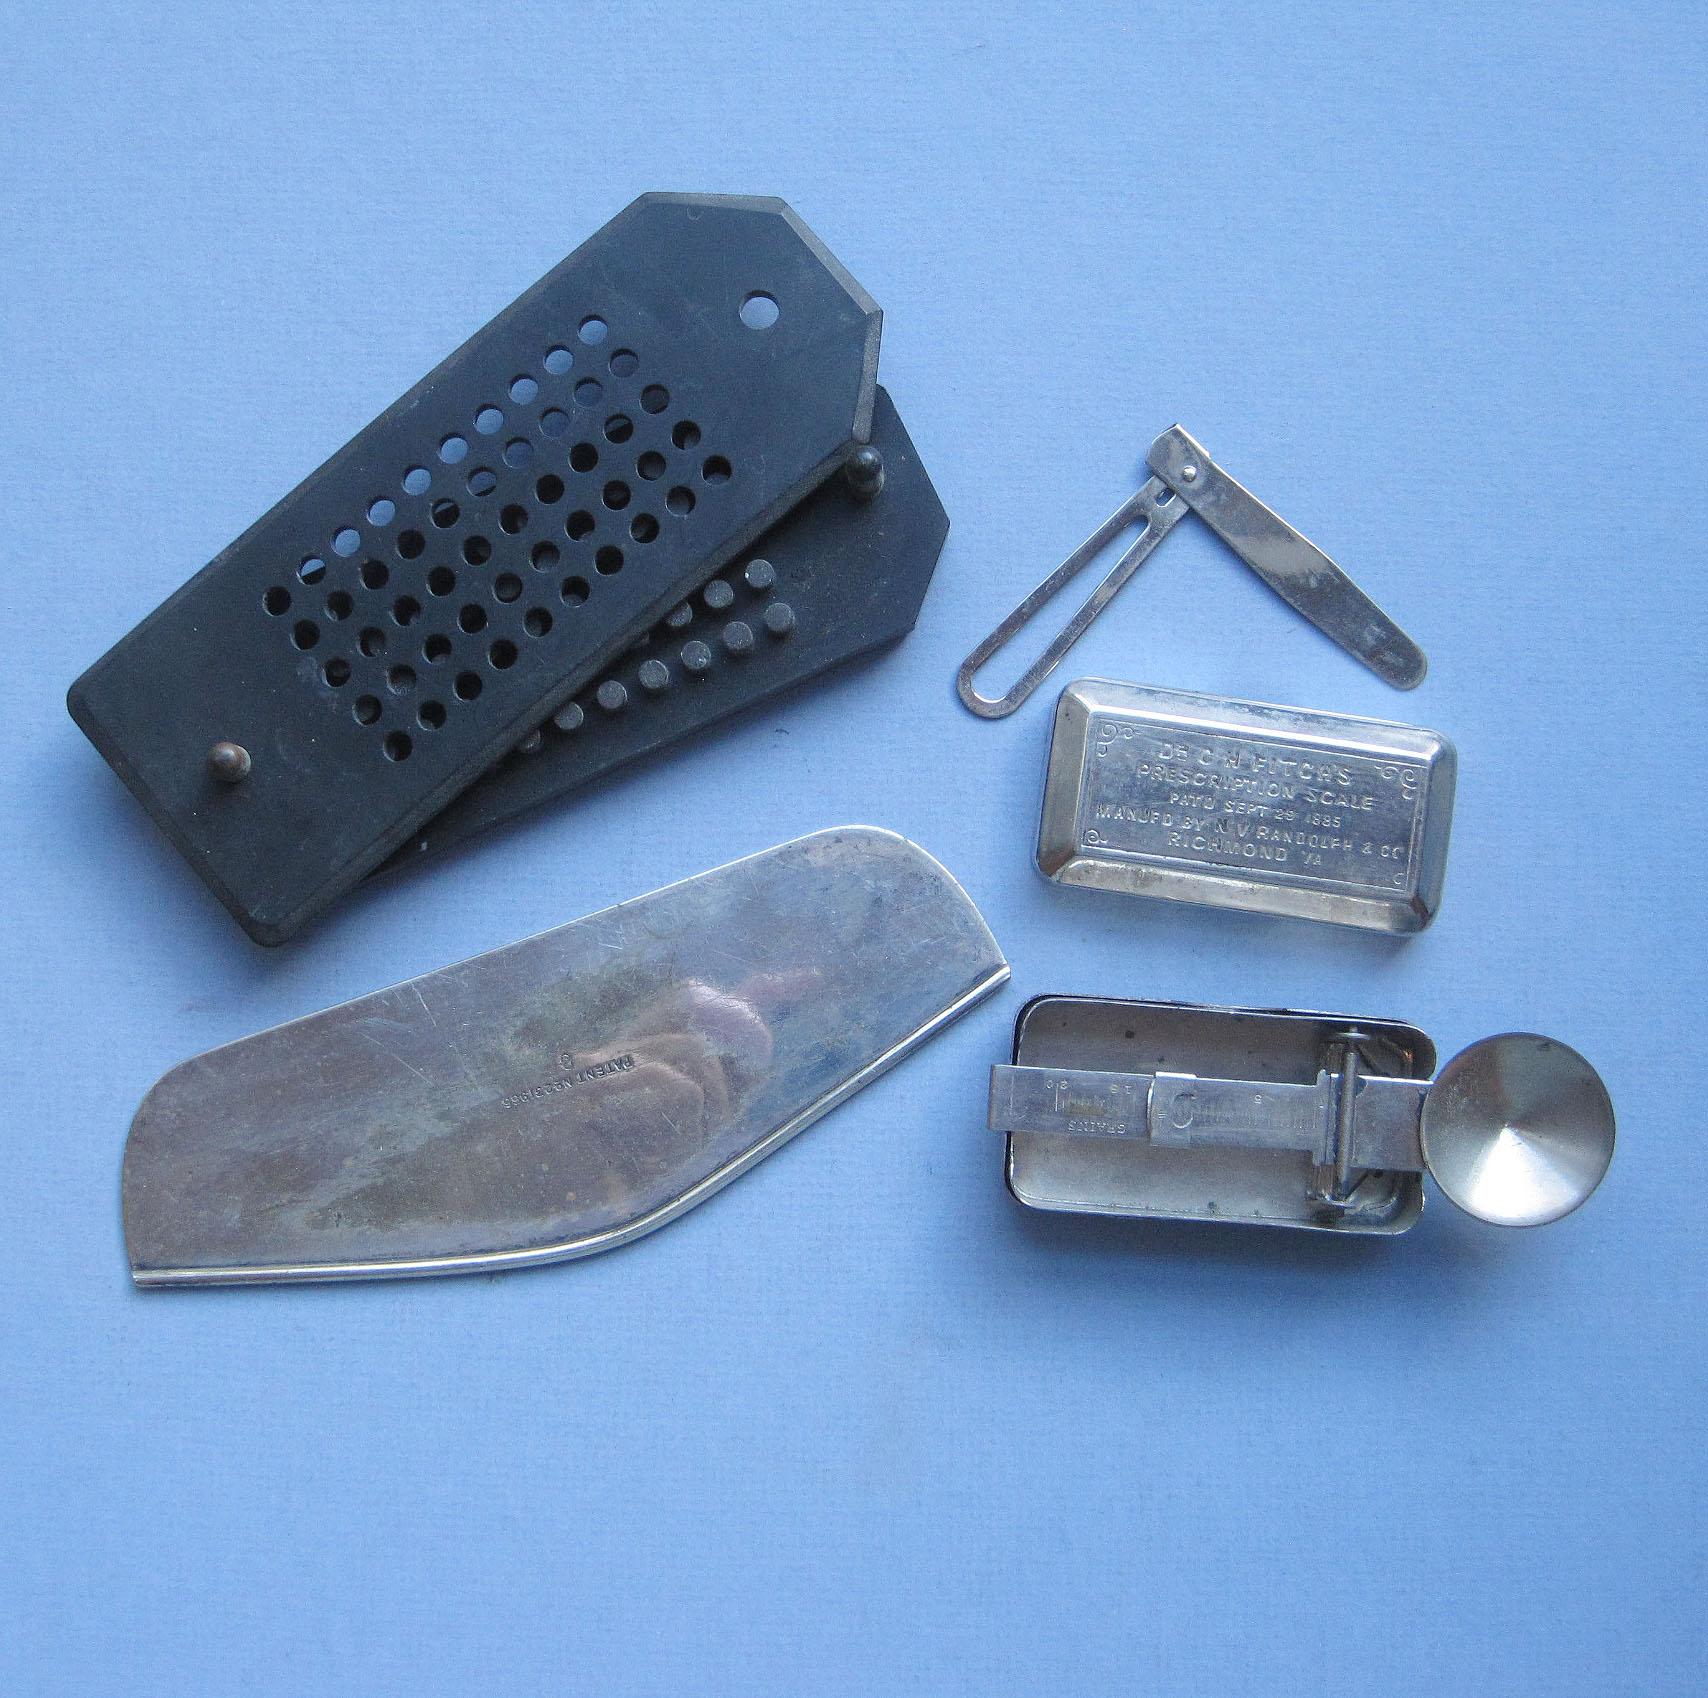 Three C1880 Pharmacy Devices